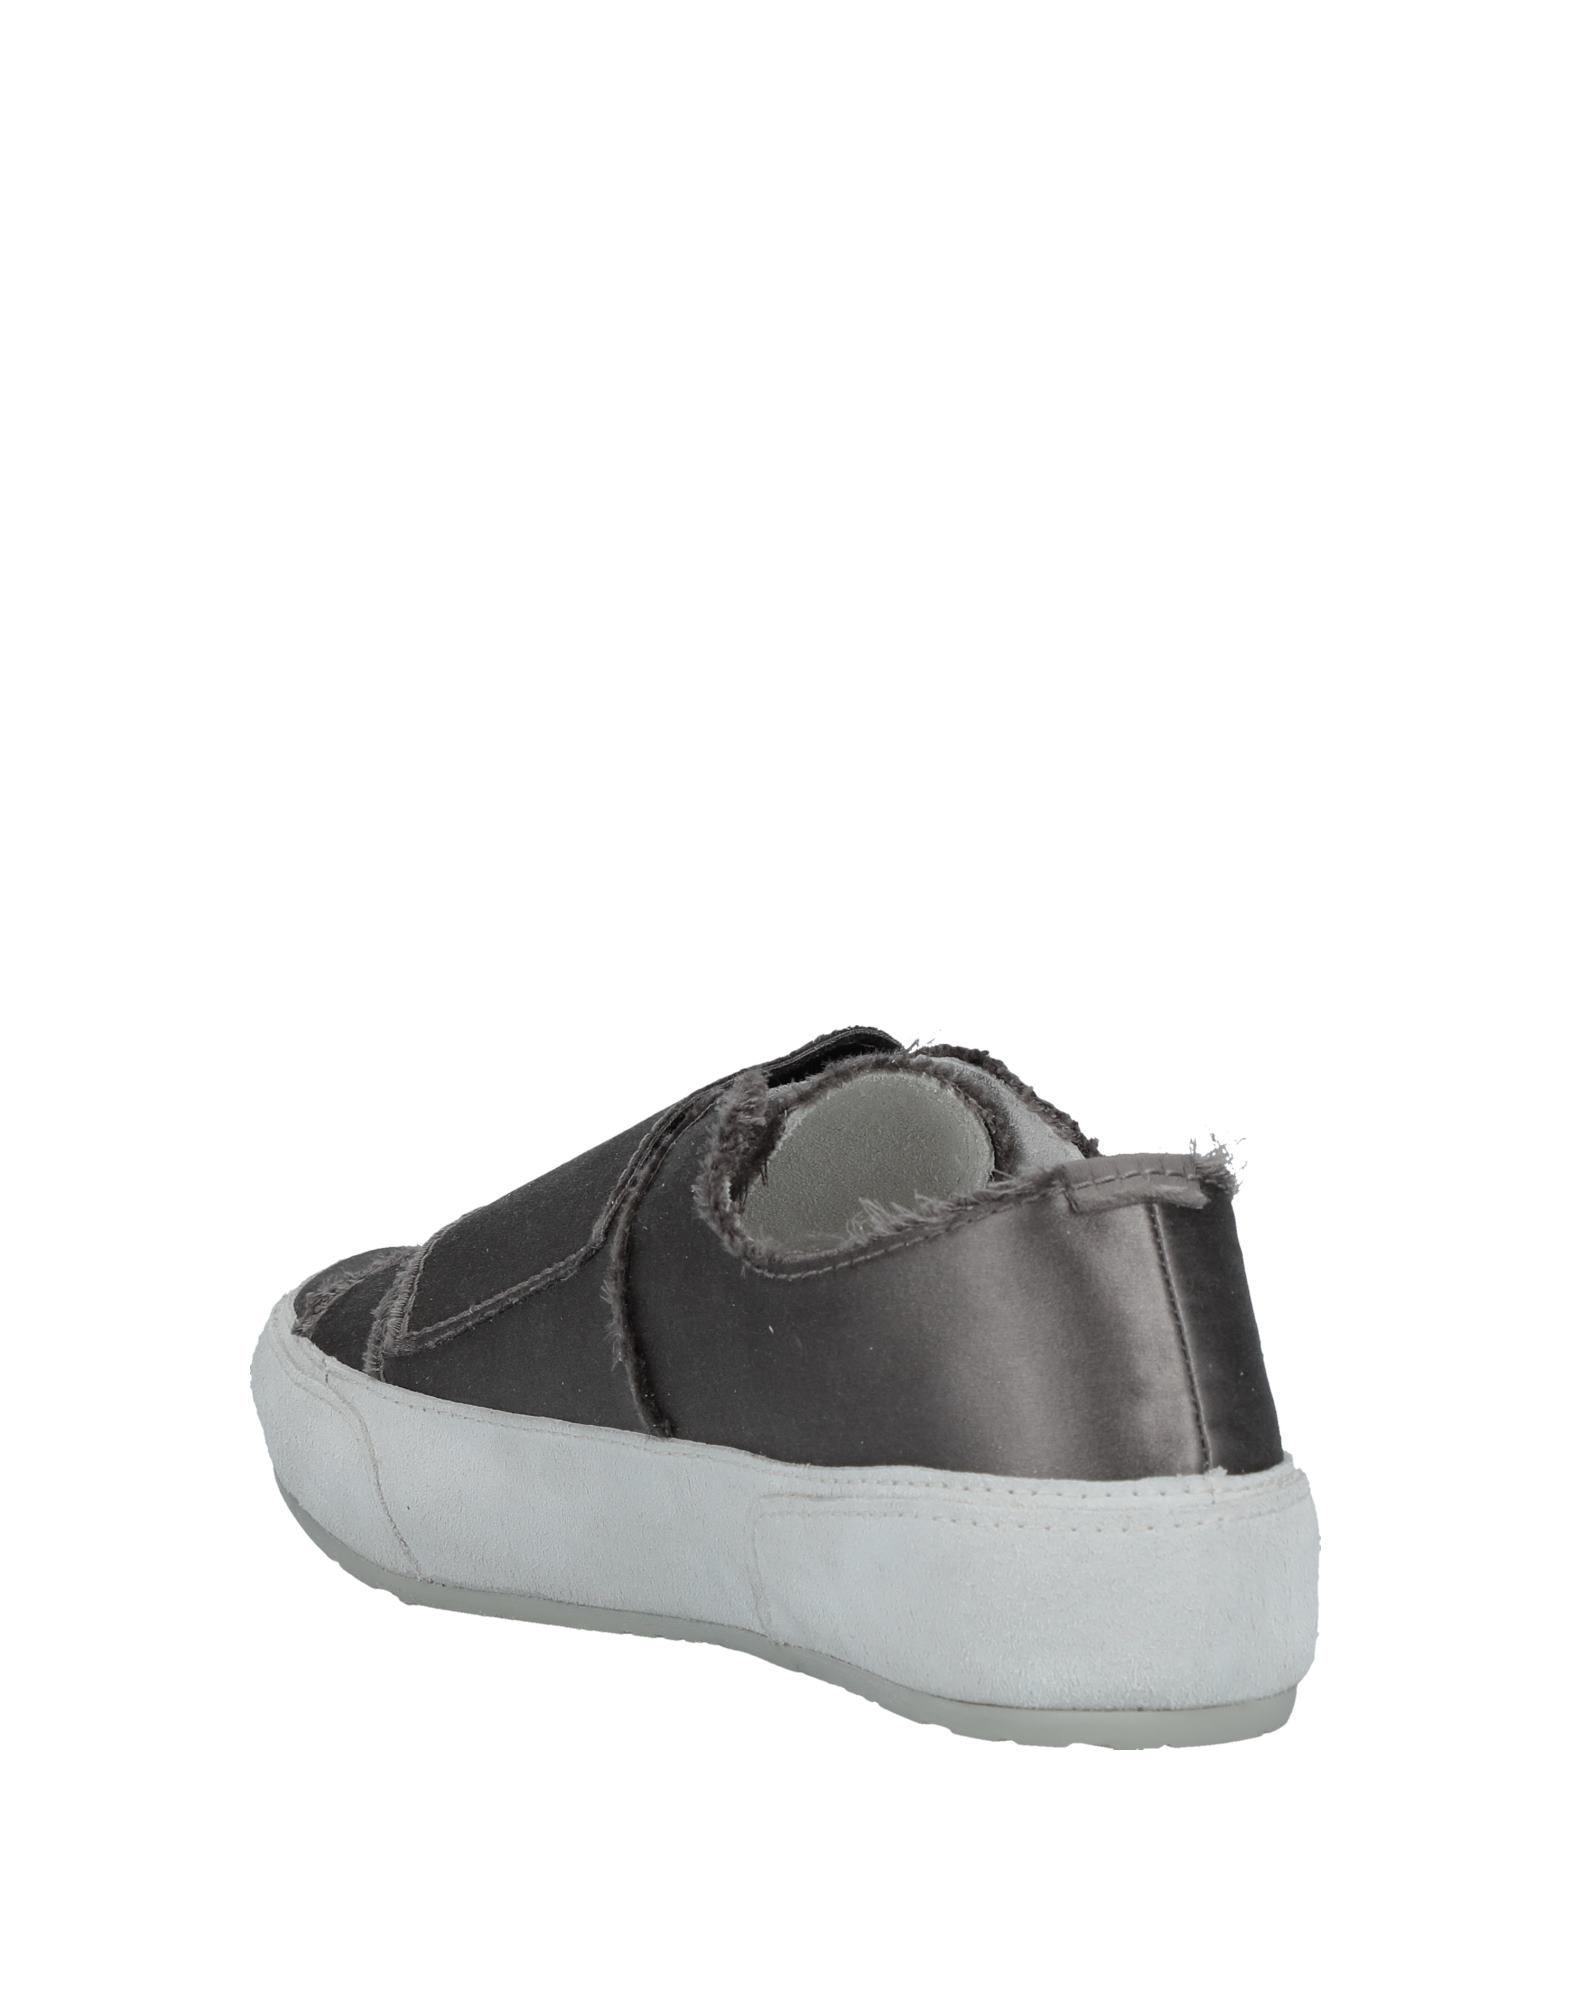 Pedro Garcia Satin Low-tops & Sneakers in Khaki (Grey)